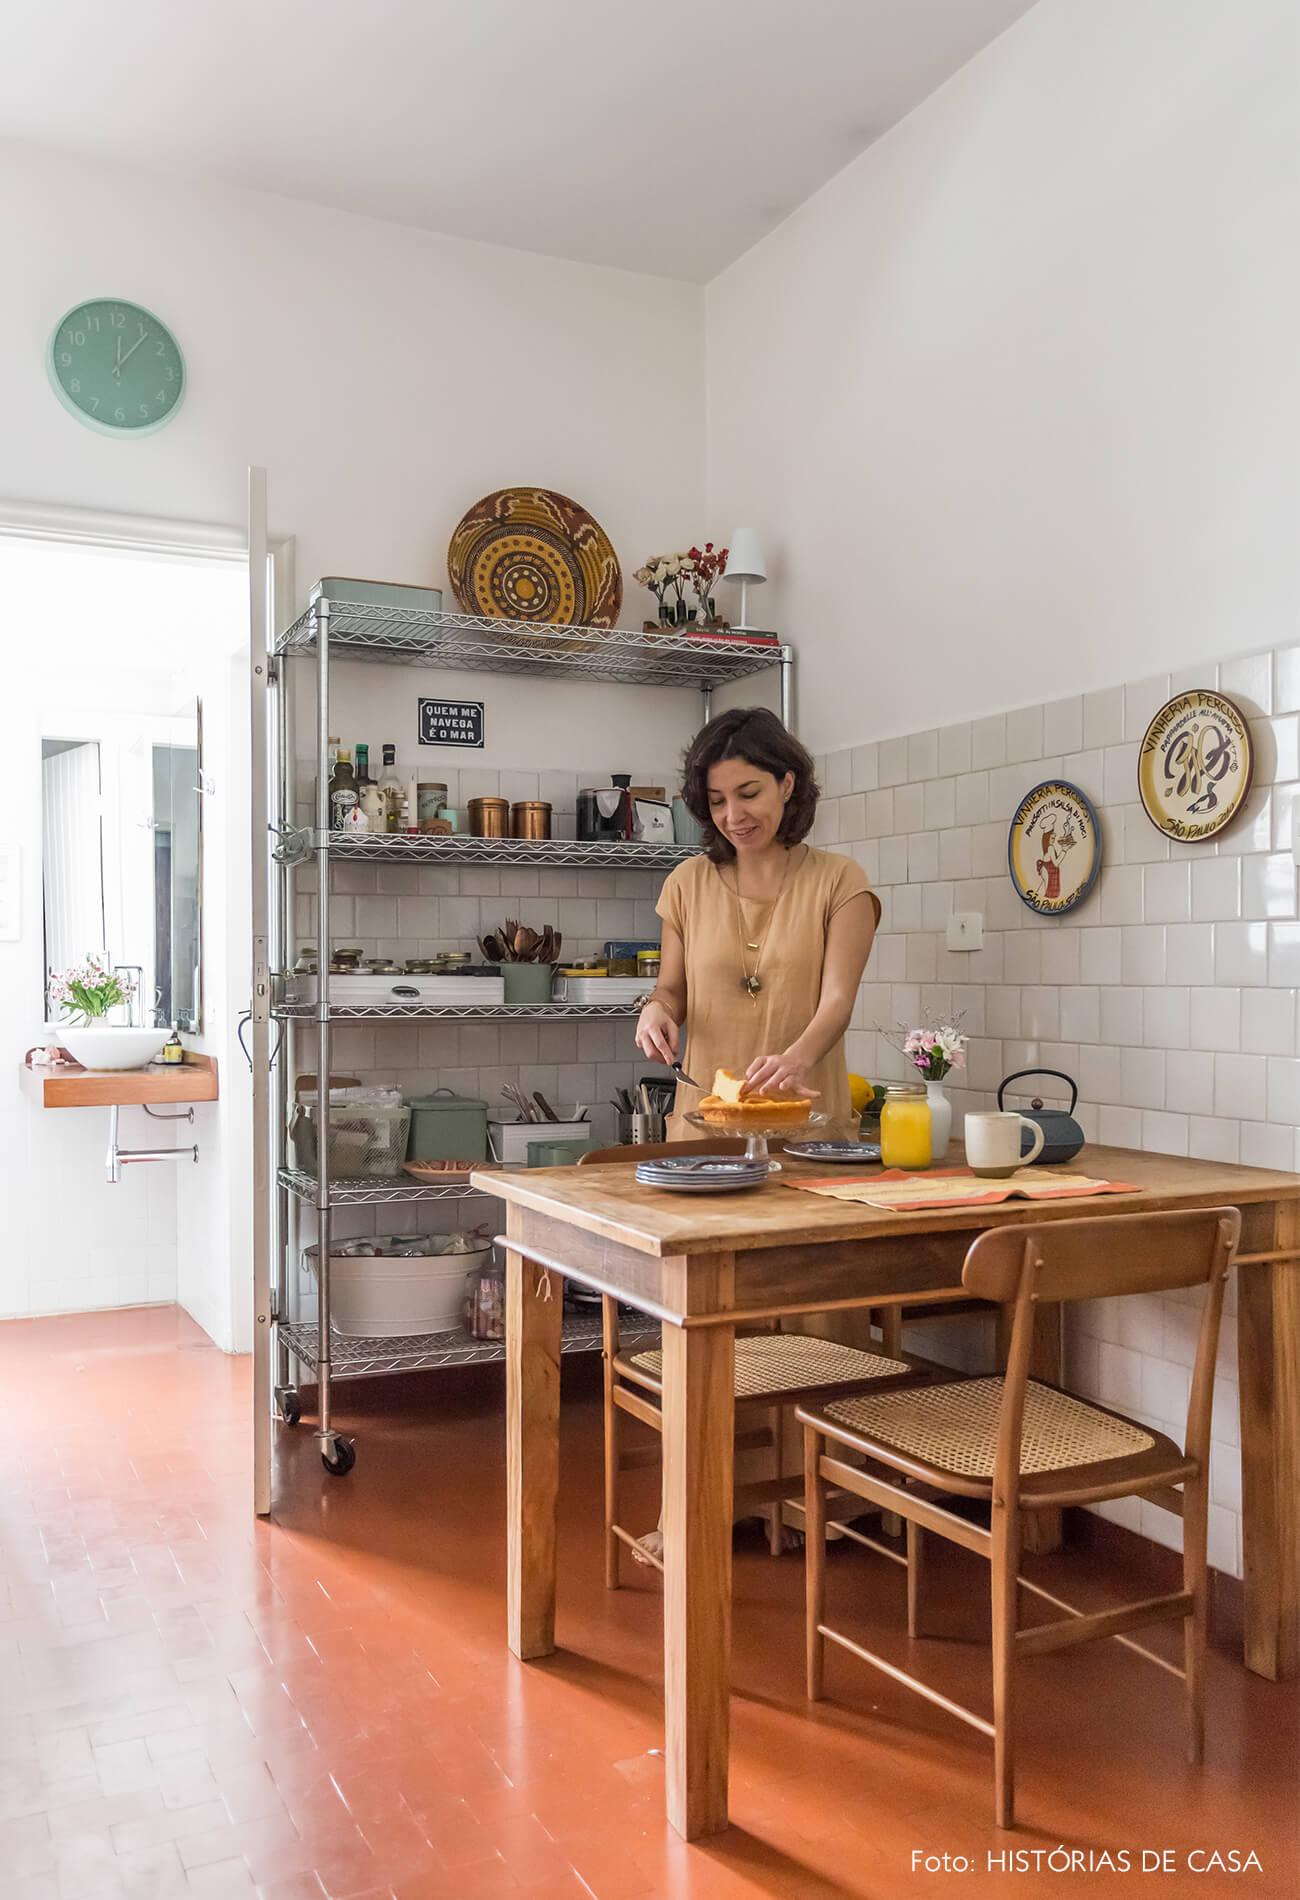 Cozinha antiga com estante metálica